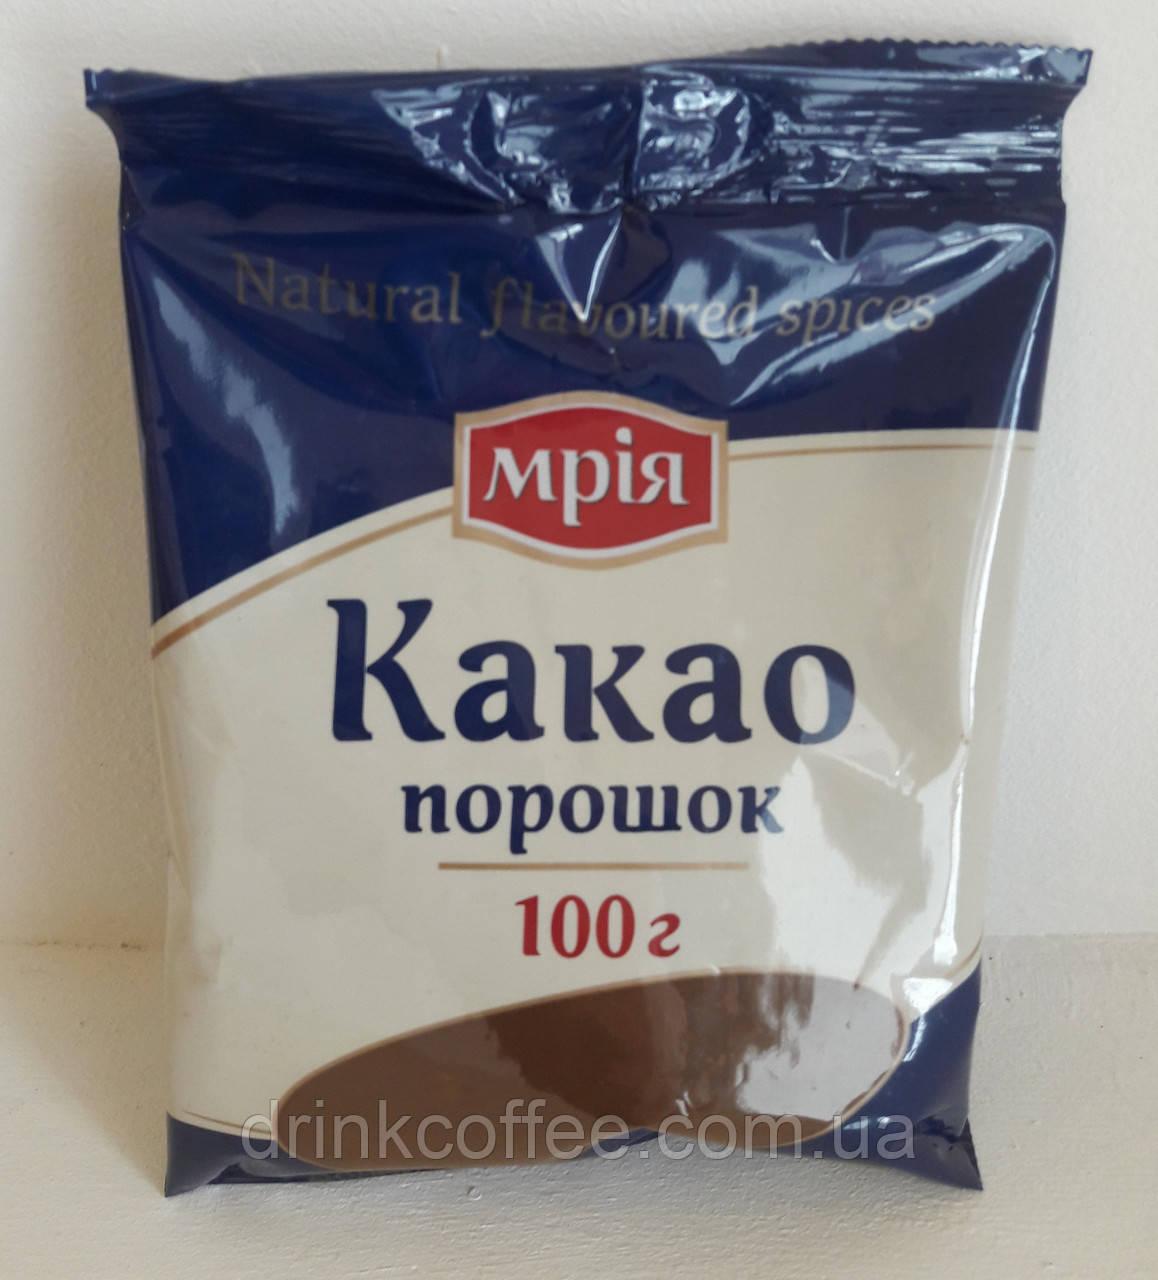 Какао, Мрия, 100г